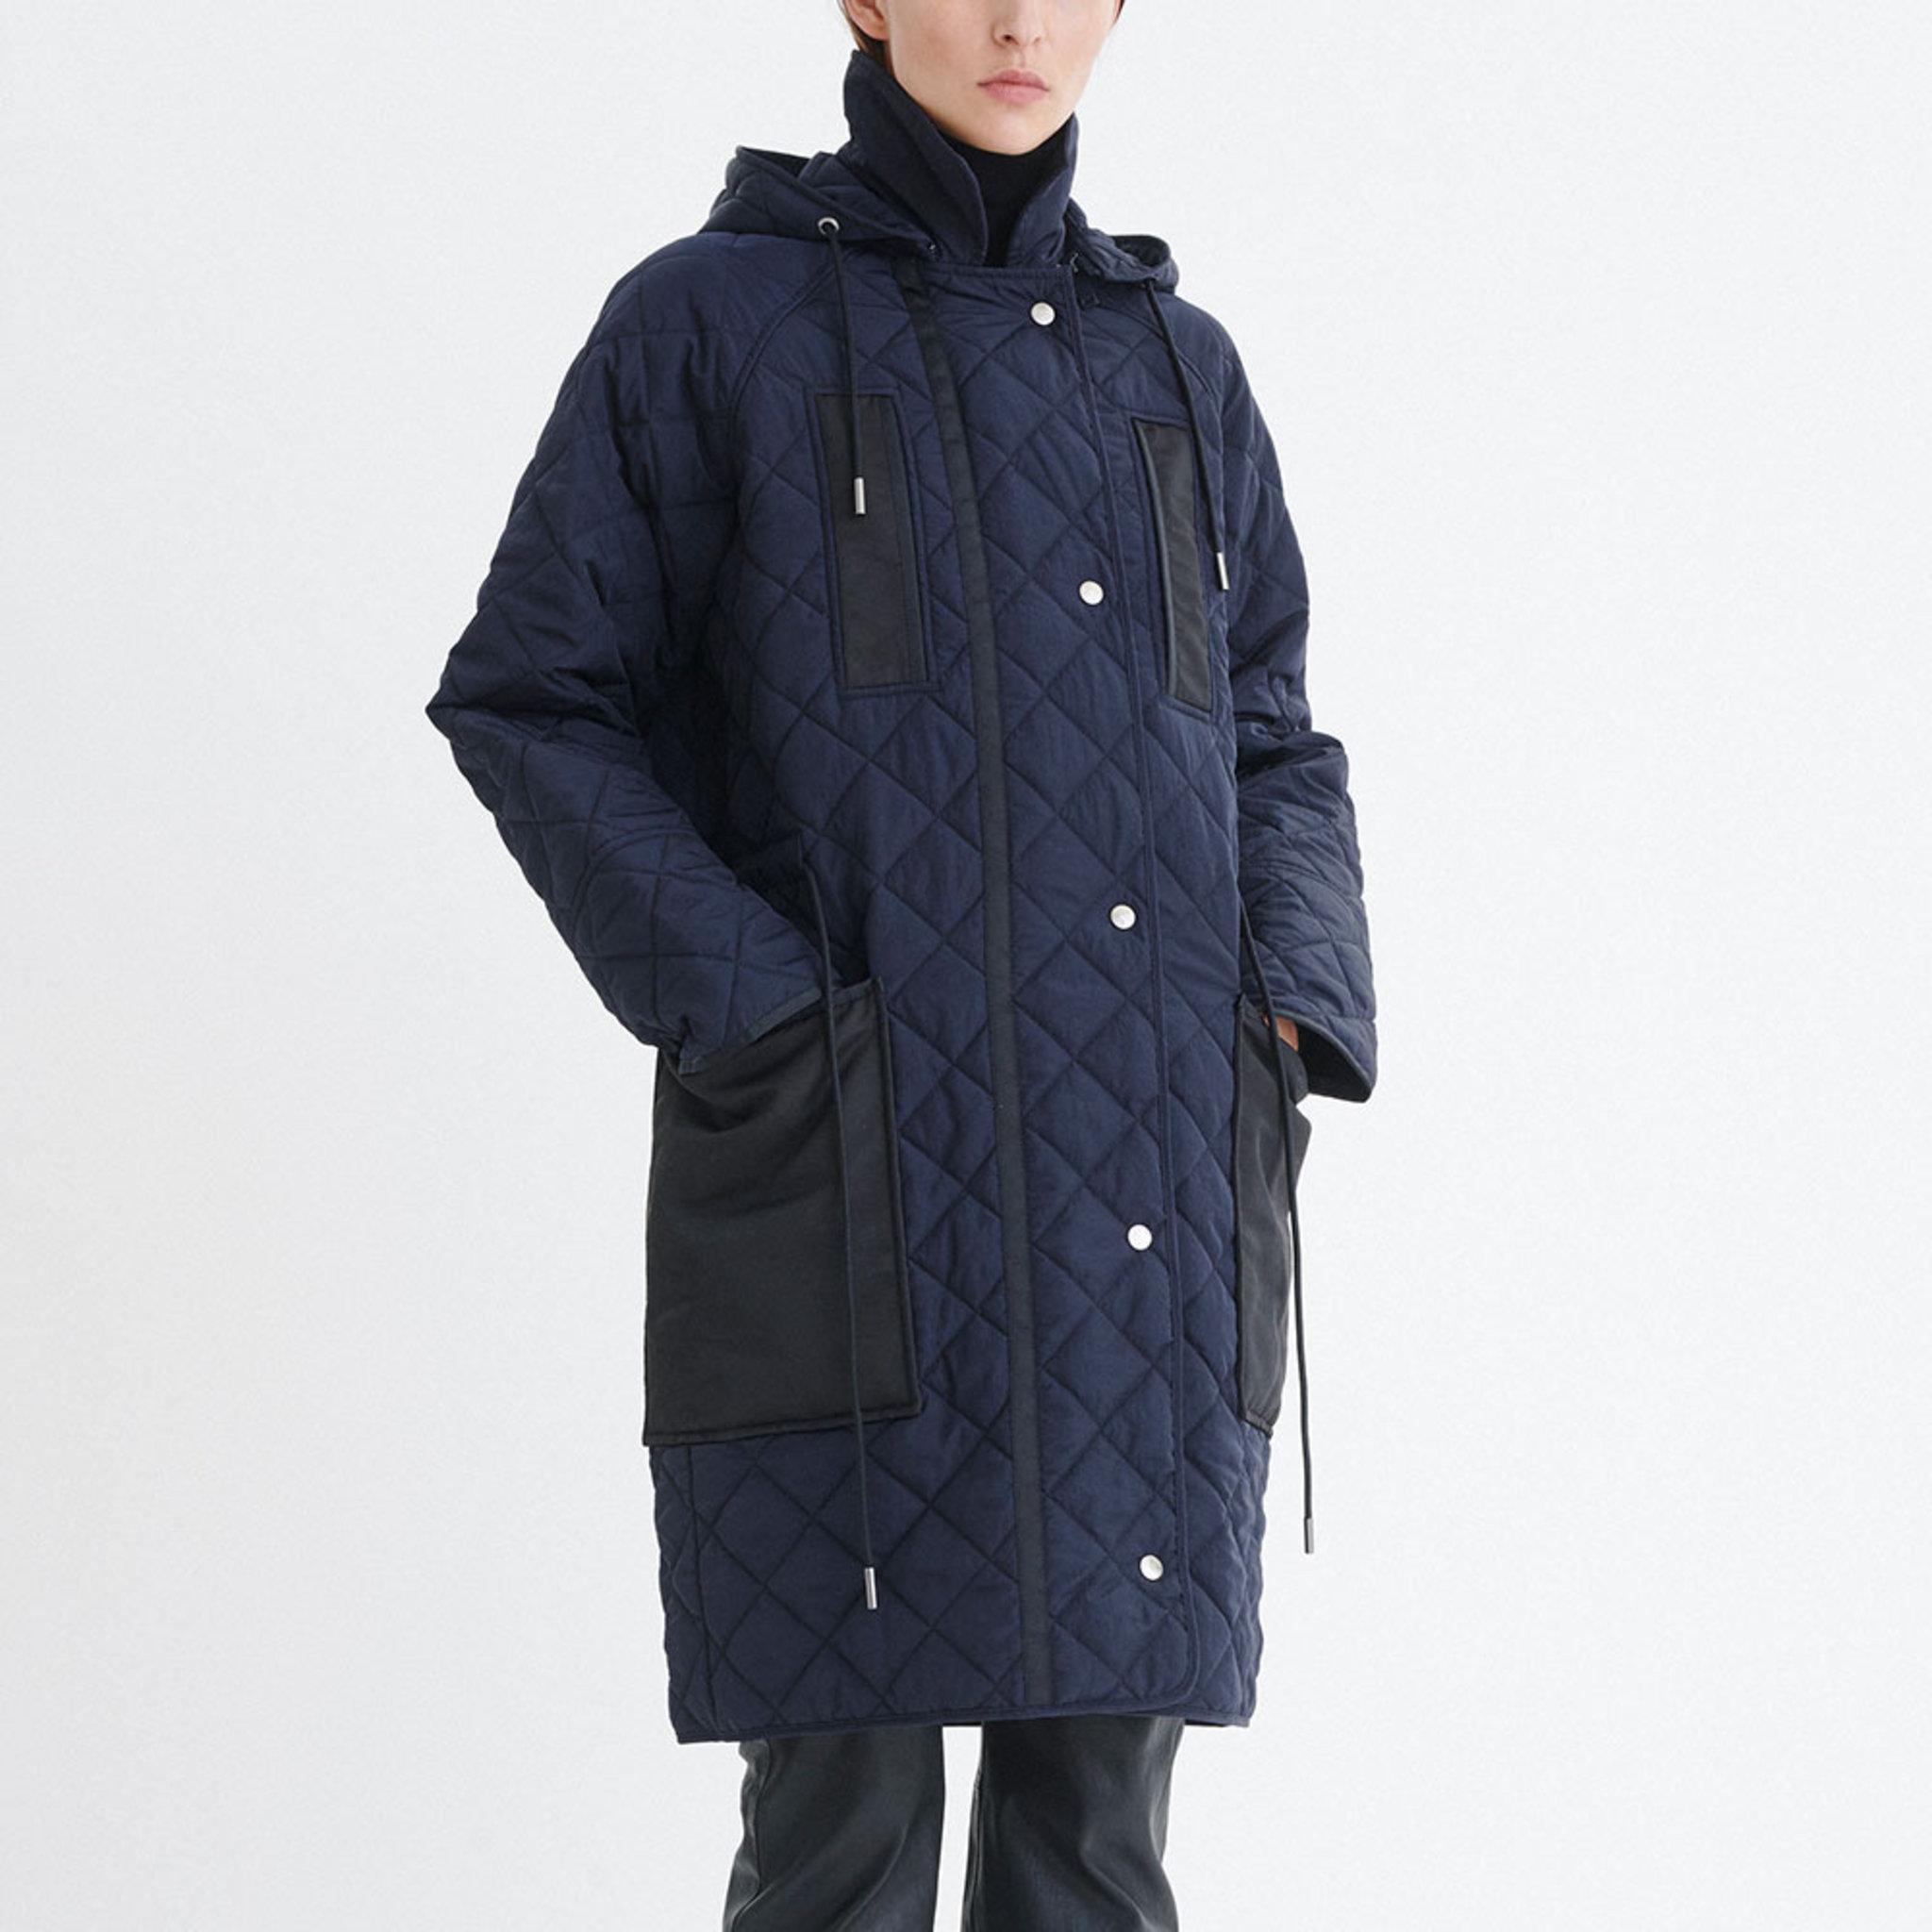 HatsyIW Coat